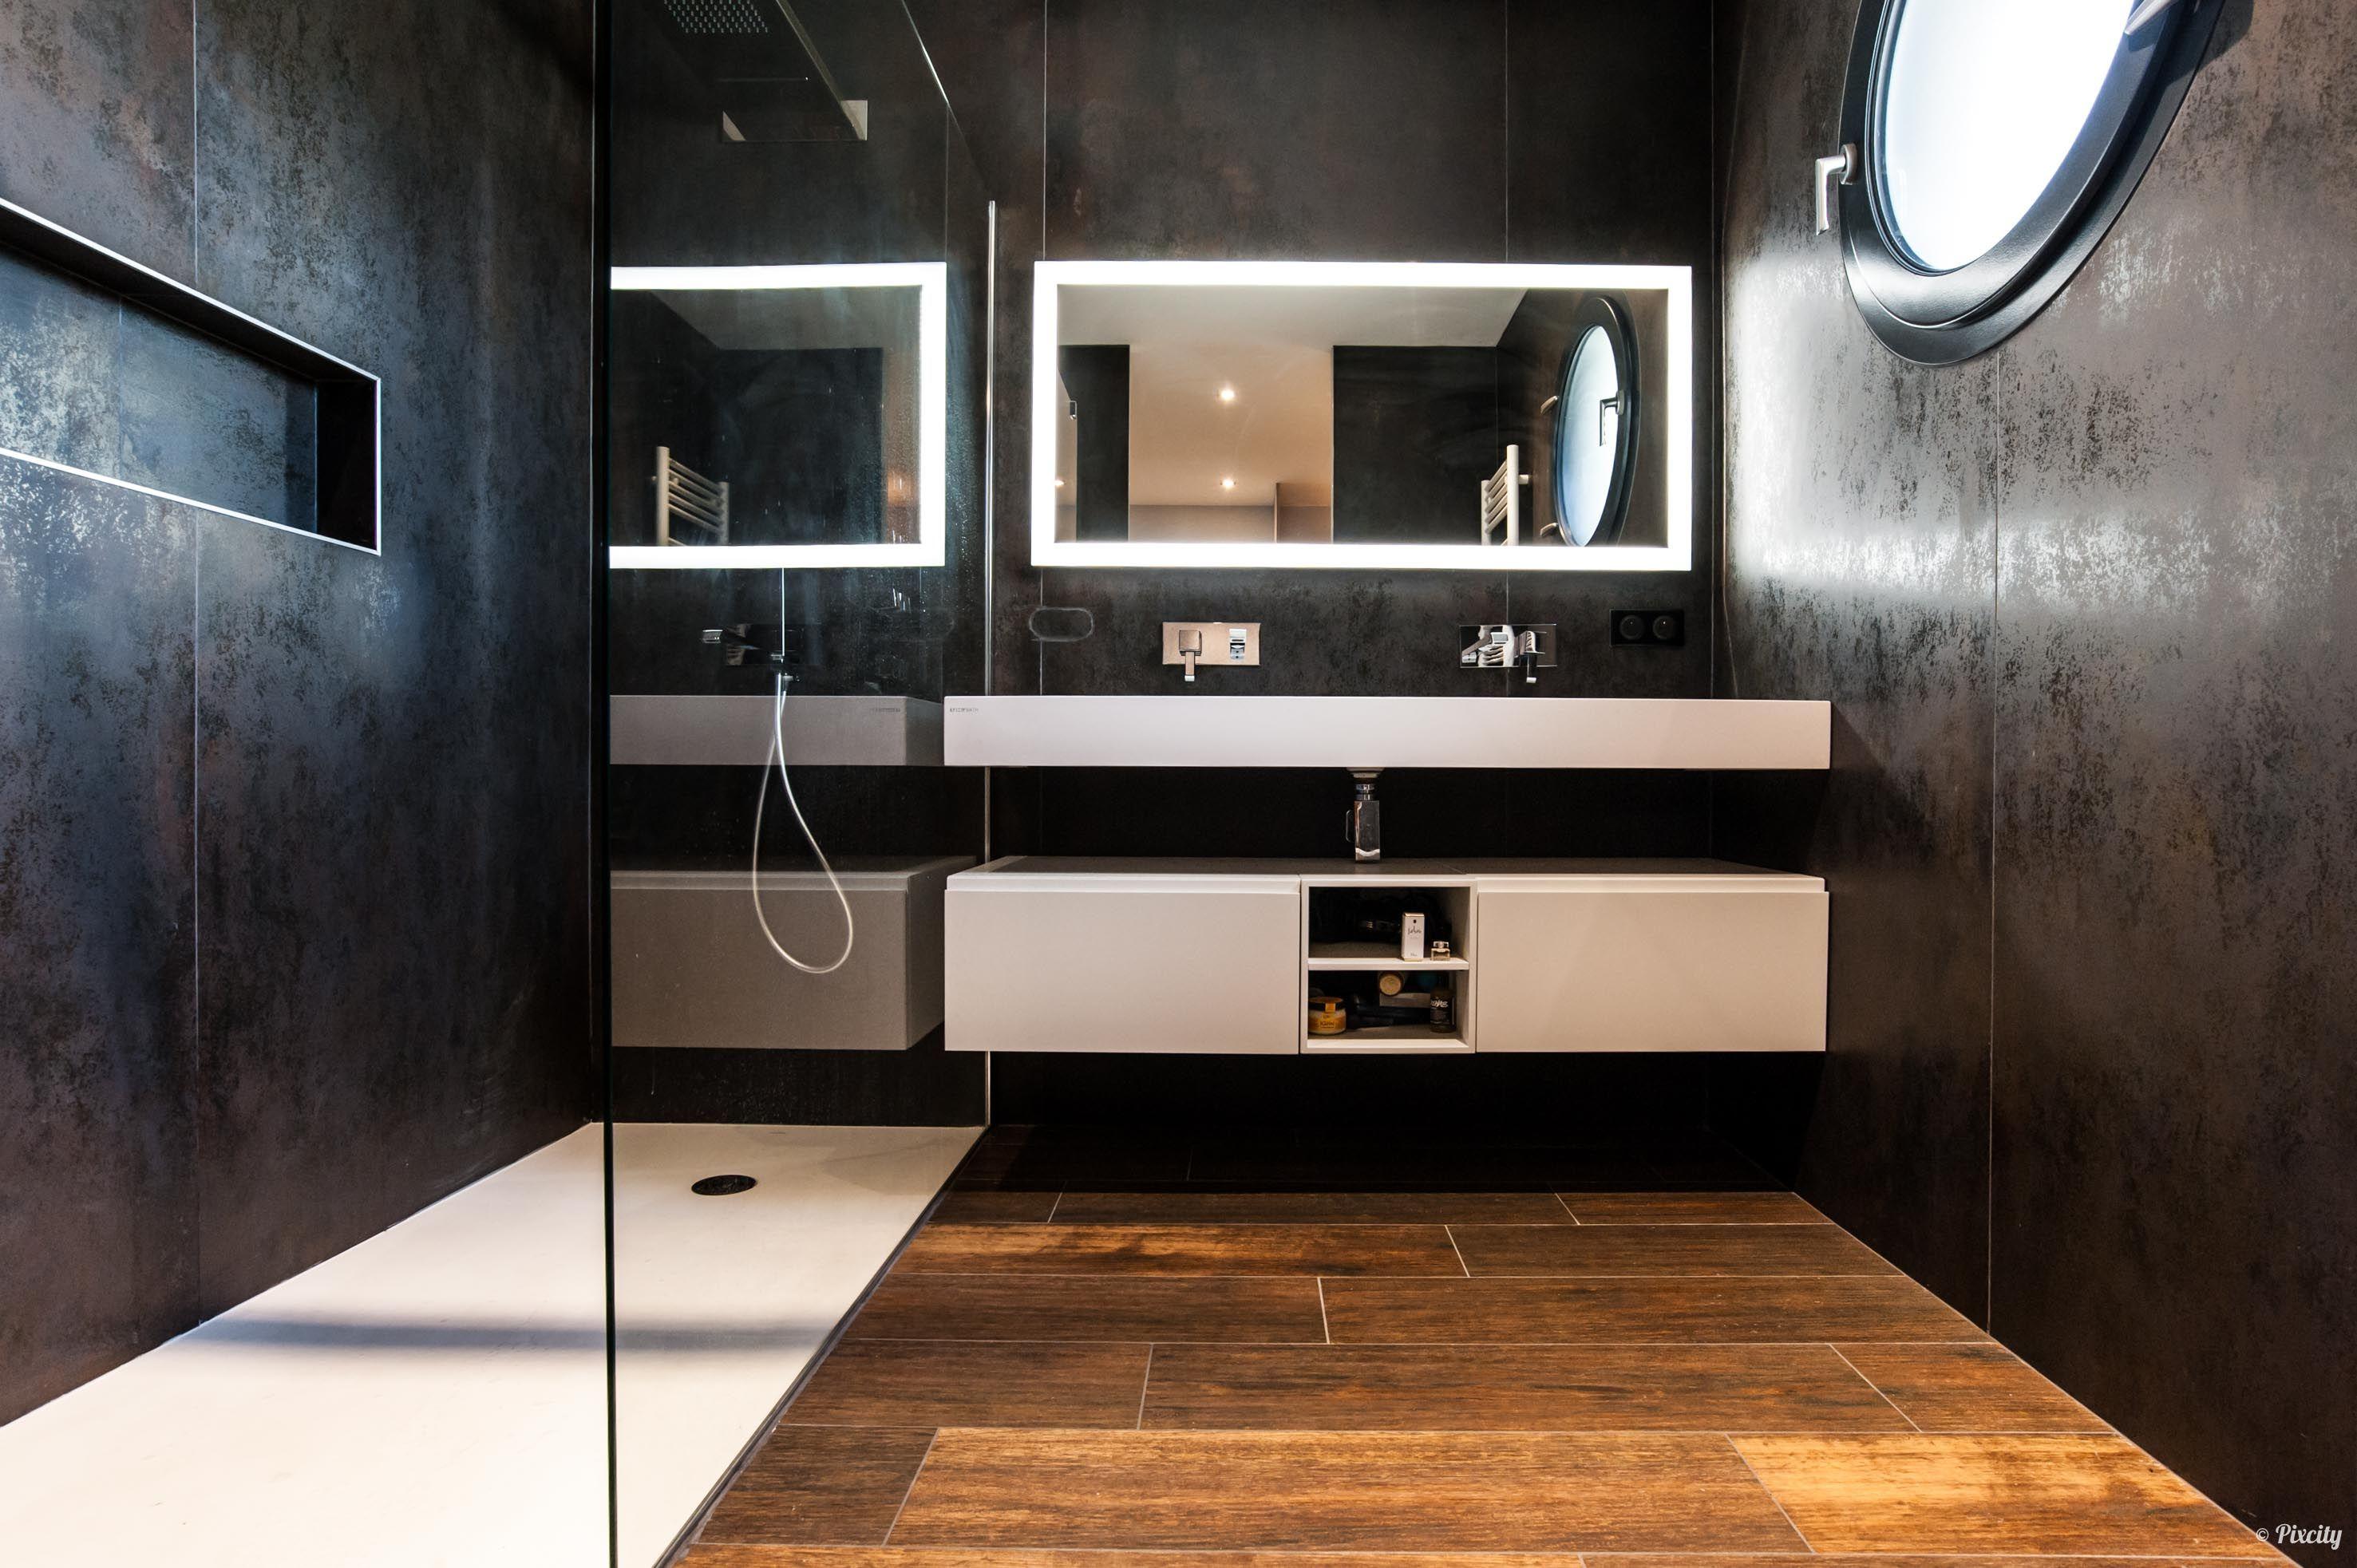 Salle d\'eau moderne noire et carrelage imitation bois en ...